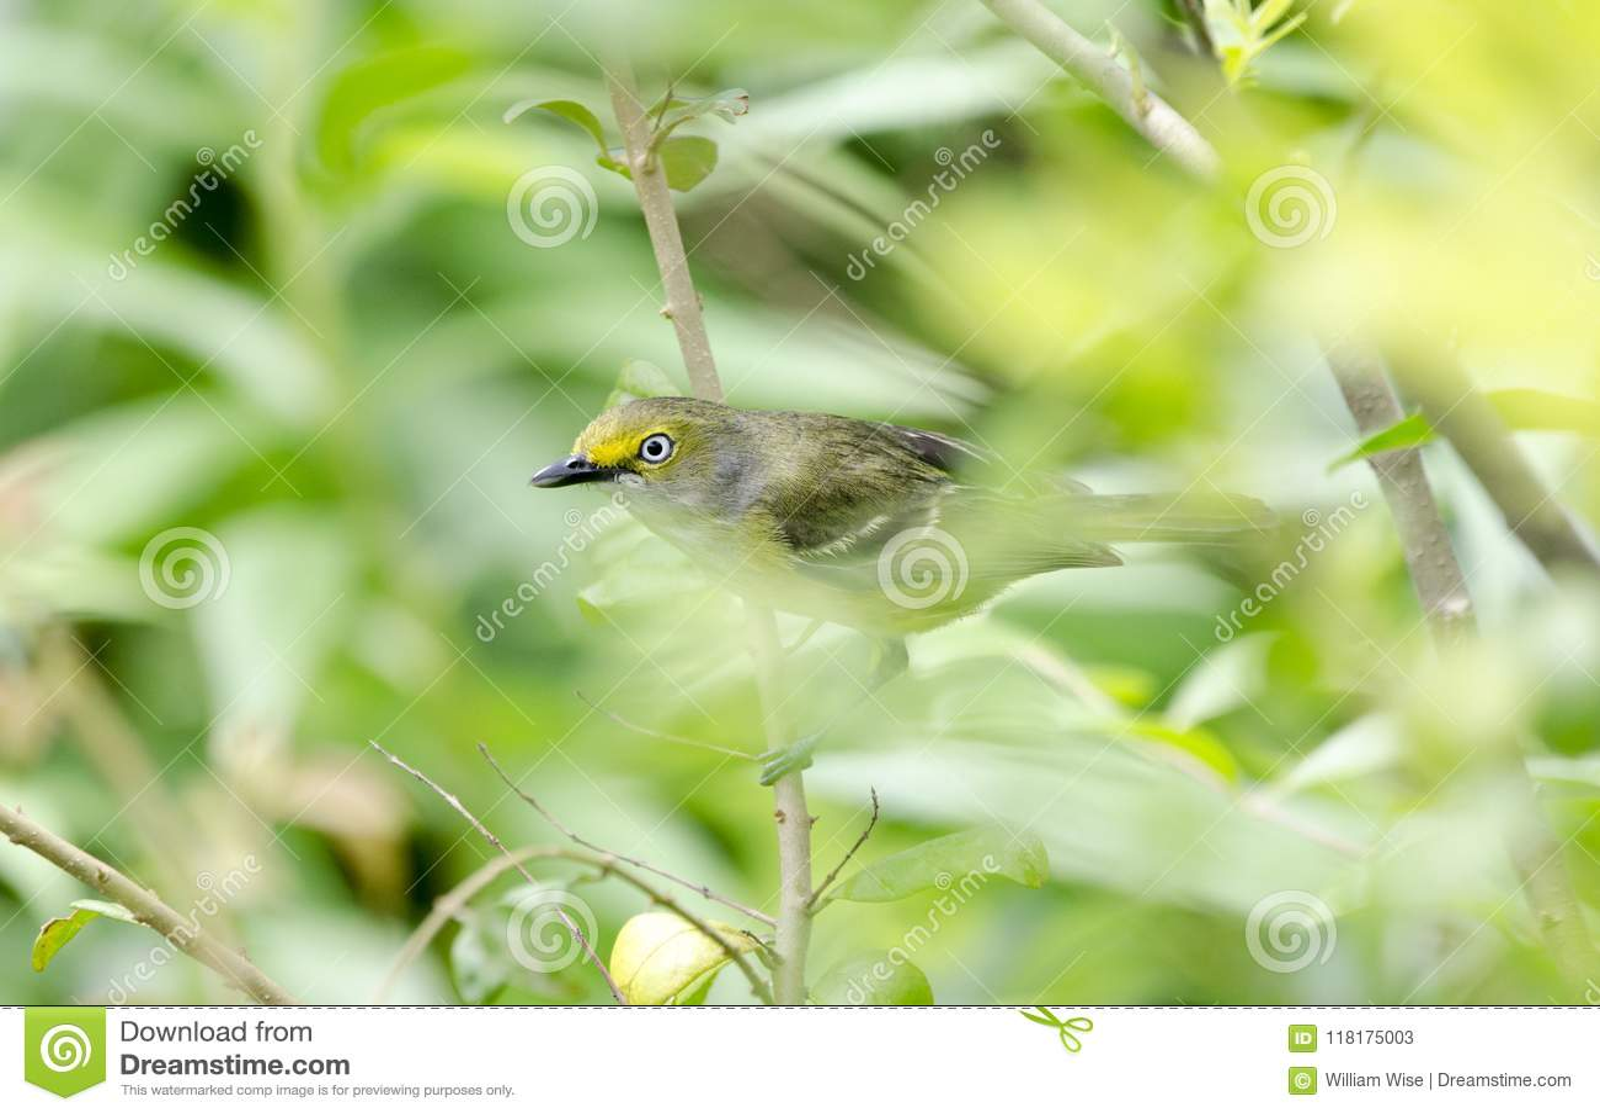 Oiseau chanteur aux yeux blancs de viréo chantant en Bradford Pear Tree, la Géorgie Etats-Unis